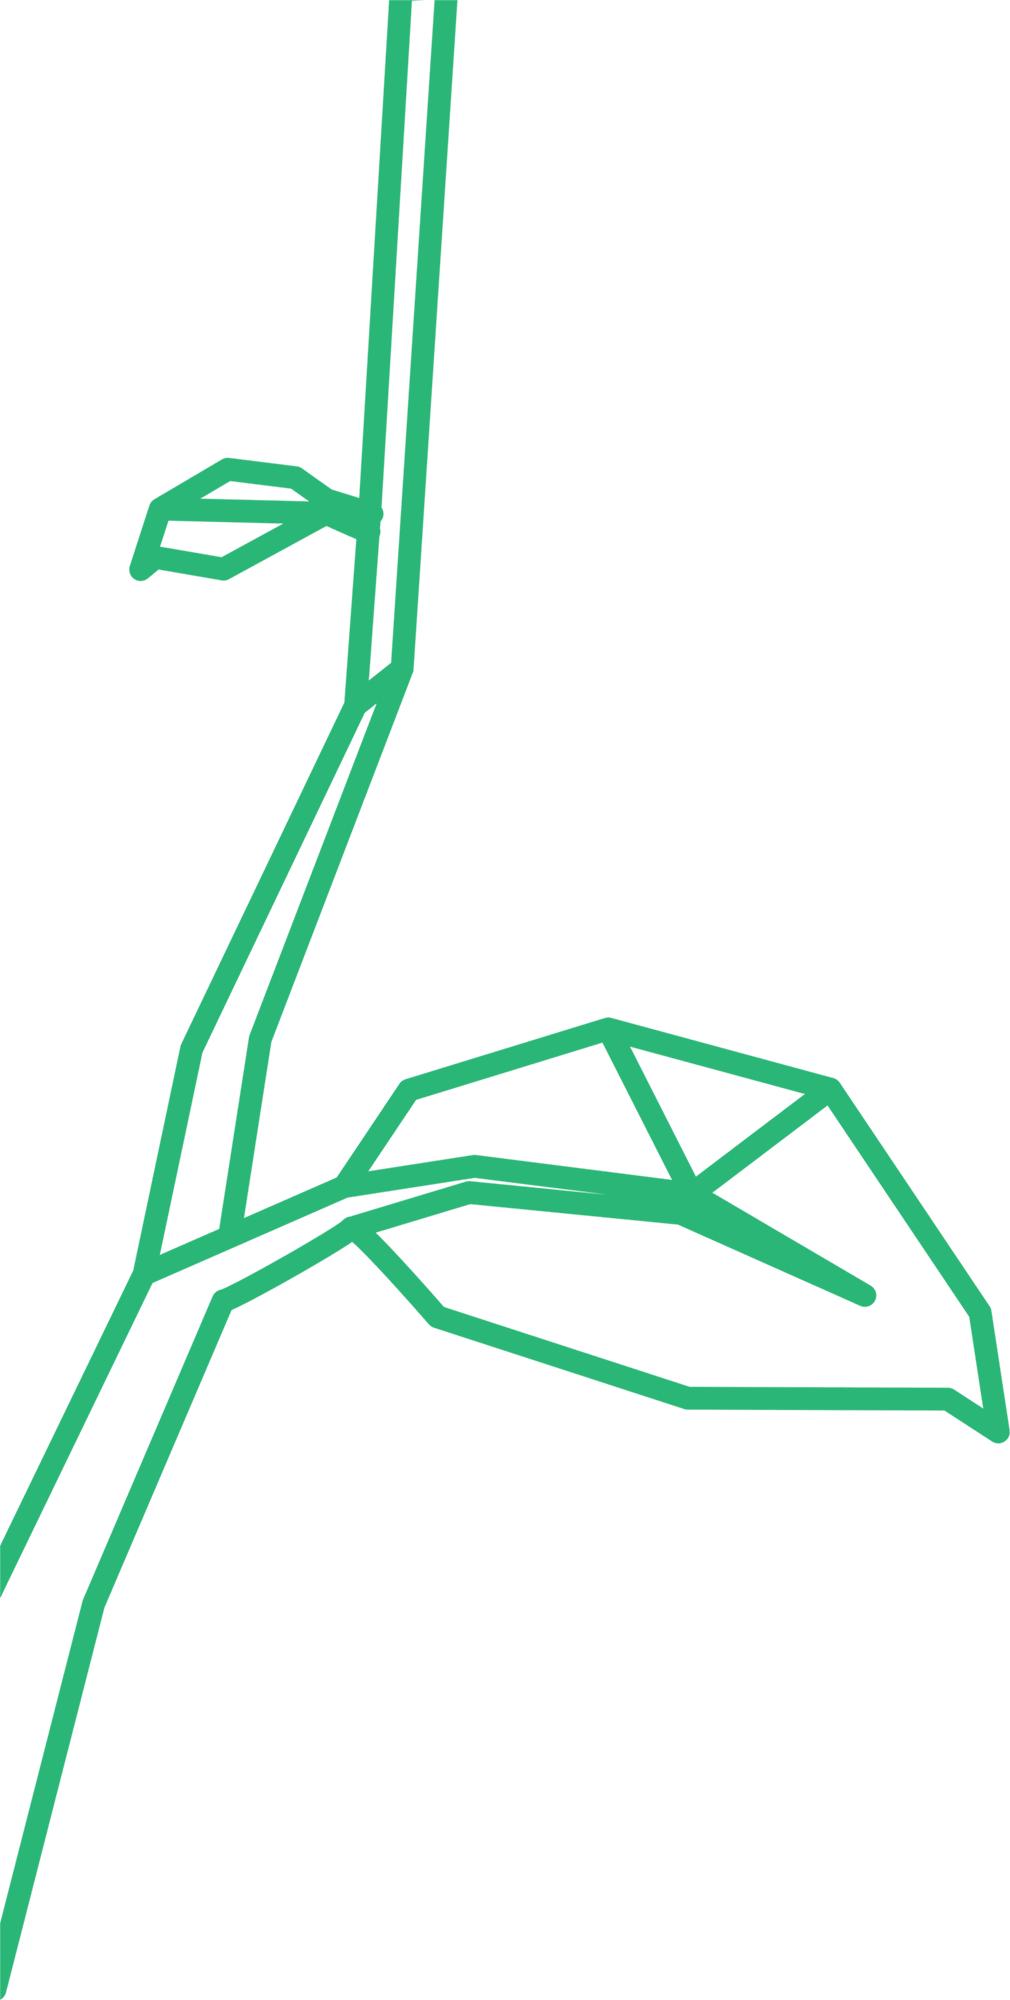 AMBIENTE-icona-verde